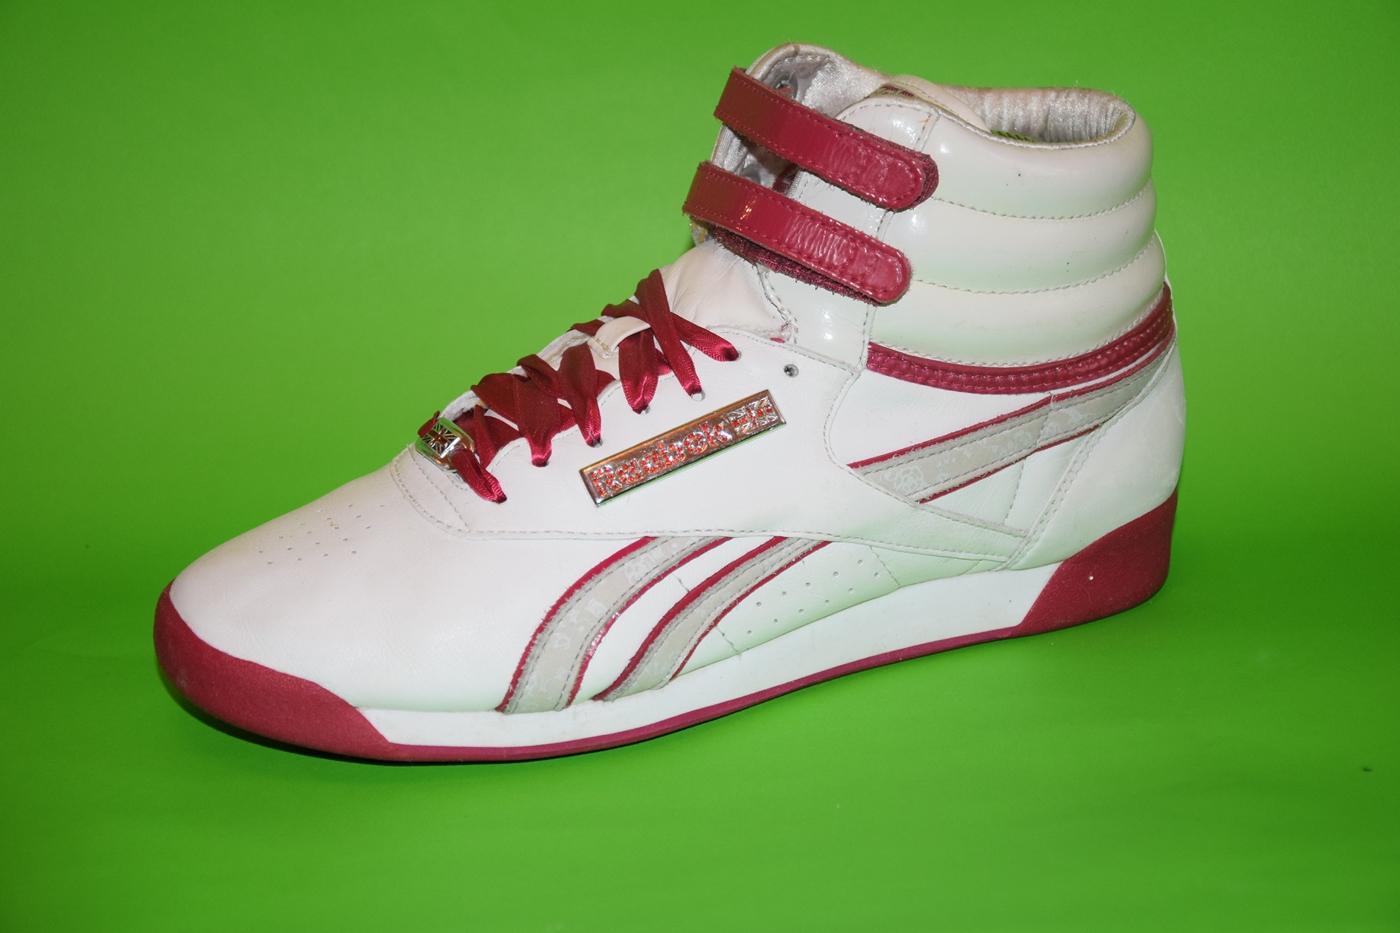 Reebok classic białe buty portowe wysokie adidasy r 35 ,5